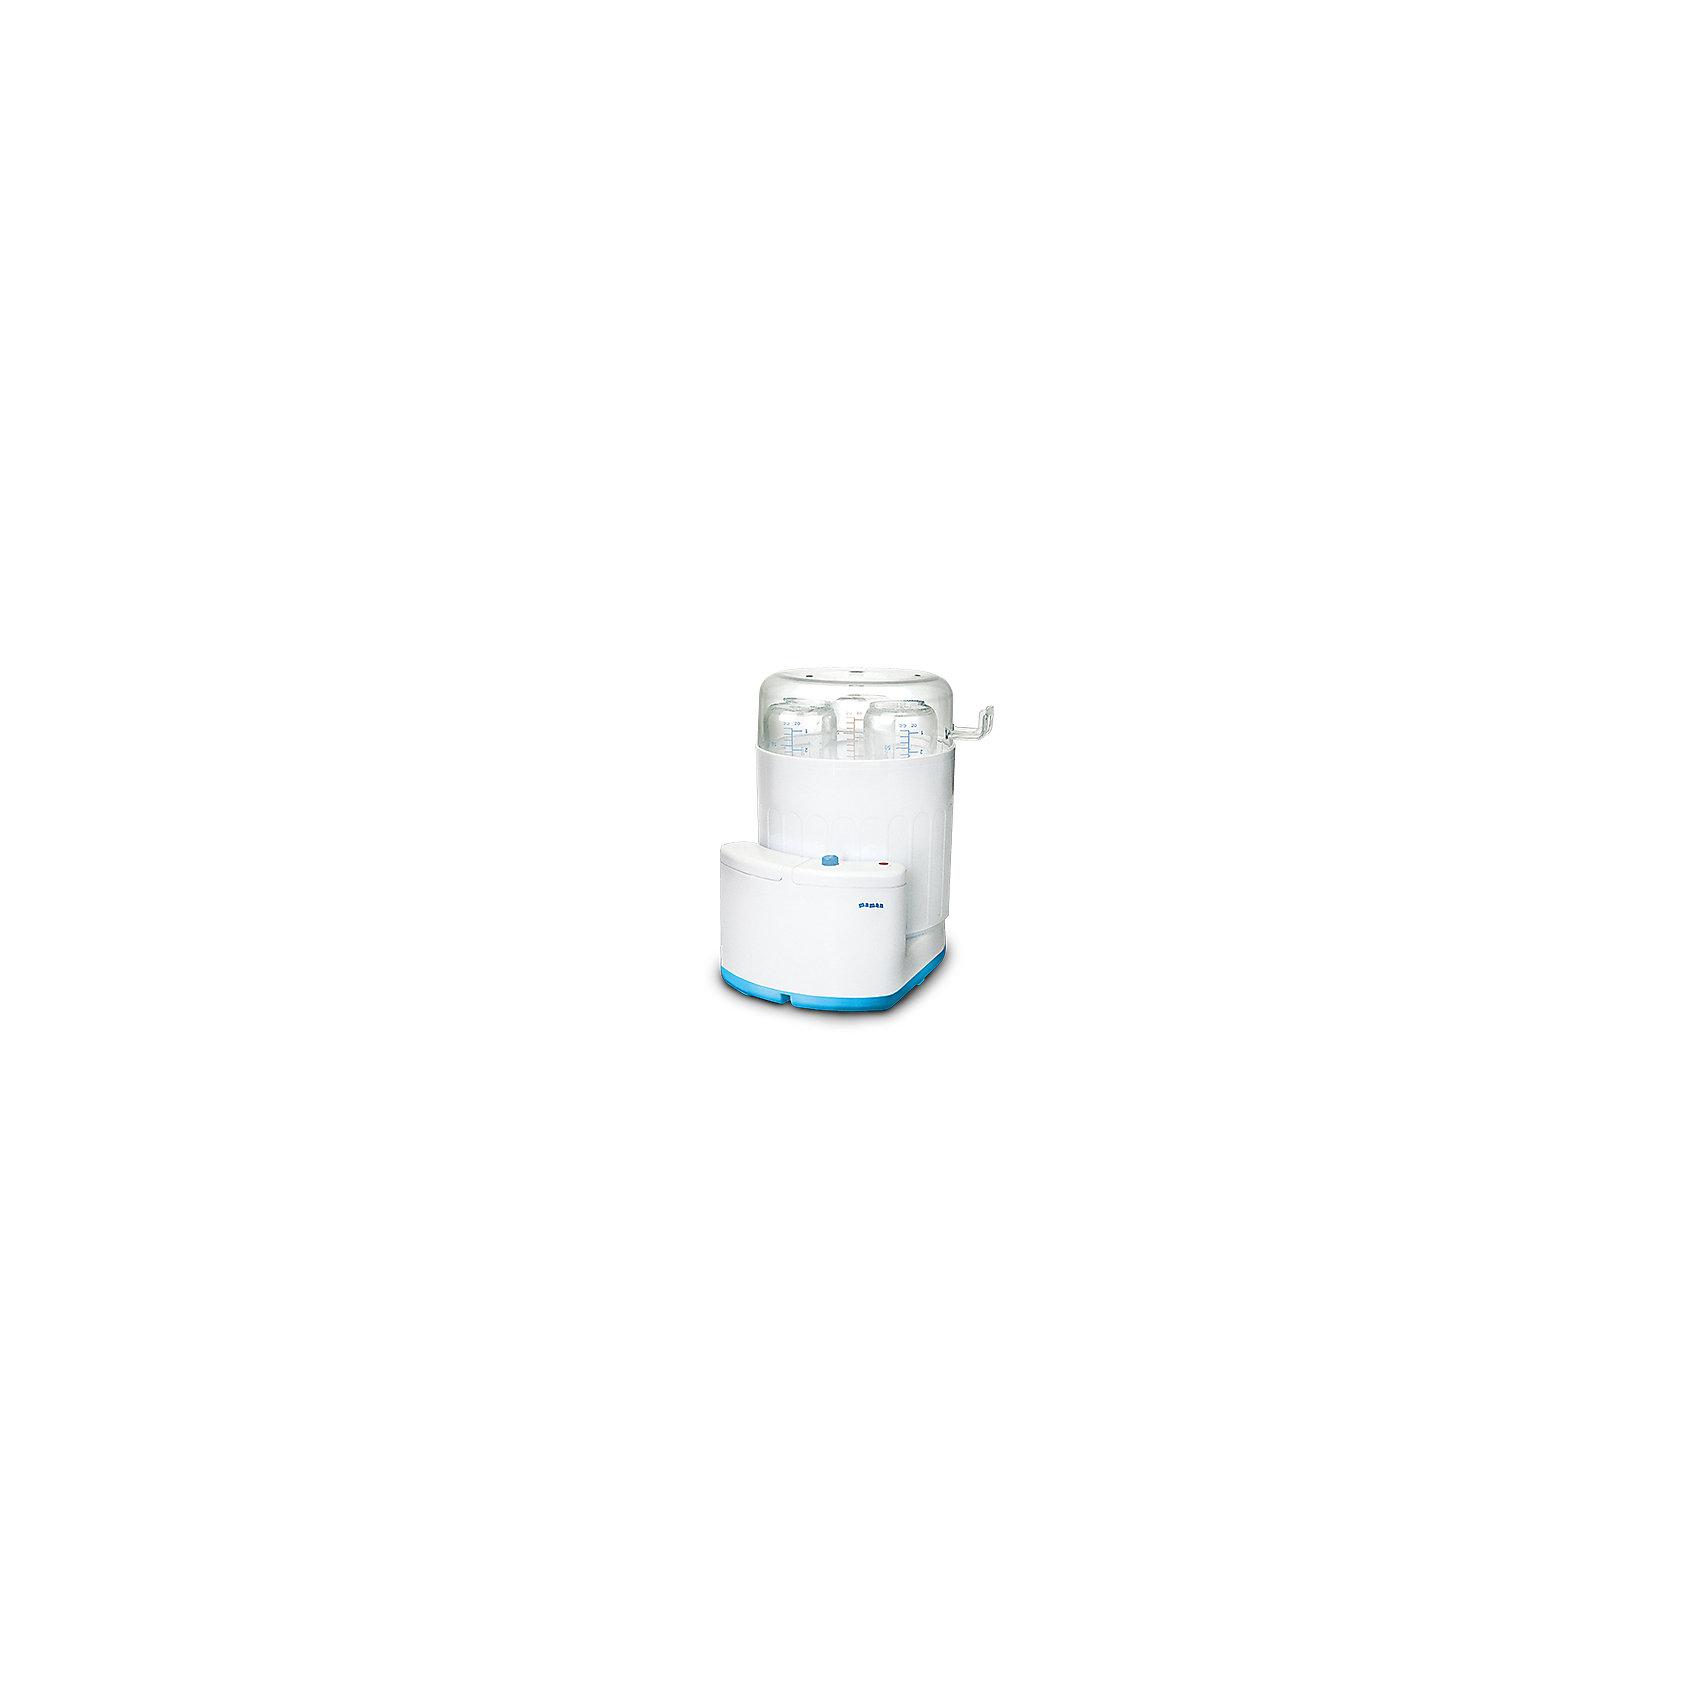 Стерилизатор Maman LS-B302Стерилизатор Maman предназначен для стерилизации бутылочек емкостью от 100 мл до 300 мл (до 3-х одновременно) и аксессуаров, сосок, пустышек при помощи горячего пара.<br>Стерилизатор оснащен безопасным, экономичным и надежным нагревательным элементом. <br>Индикация работы и окончания процесса стерилизации. Простота и удобство эксплуатации.<br>Автоматическое отключение.<br><br>Дополнительная информация:<br><br>- вмещает до 3-х бутылочек от 100 до 300 мл.;<br>- отключается автоматически;<br>- индикация работы и окончания процесса стерилизации;<br>- температура нагрева: до 100С.<br>- мощность: 350 Вт<br>- в комплекте: стерилизатор; мерный стакан держатель и инструкция на русском языке.<br><br>Стерилизатор Maman можно купить в нашем магазине.<br><br>Ширина мм: 200<br>Глубина мм: 170<br>Высота мм: 240<br>Вес г: 648<br>Возраст от месяцев: 0<br>Возраст до месяцев: 36<br>Пол: Унисекс<br>Возраст: Детский<br>SKU: 3375641